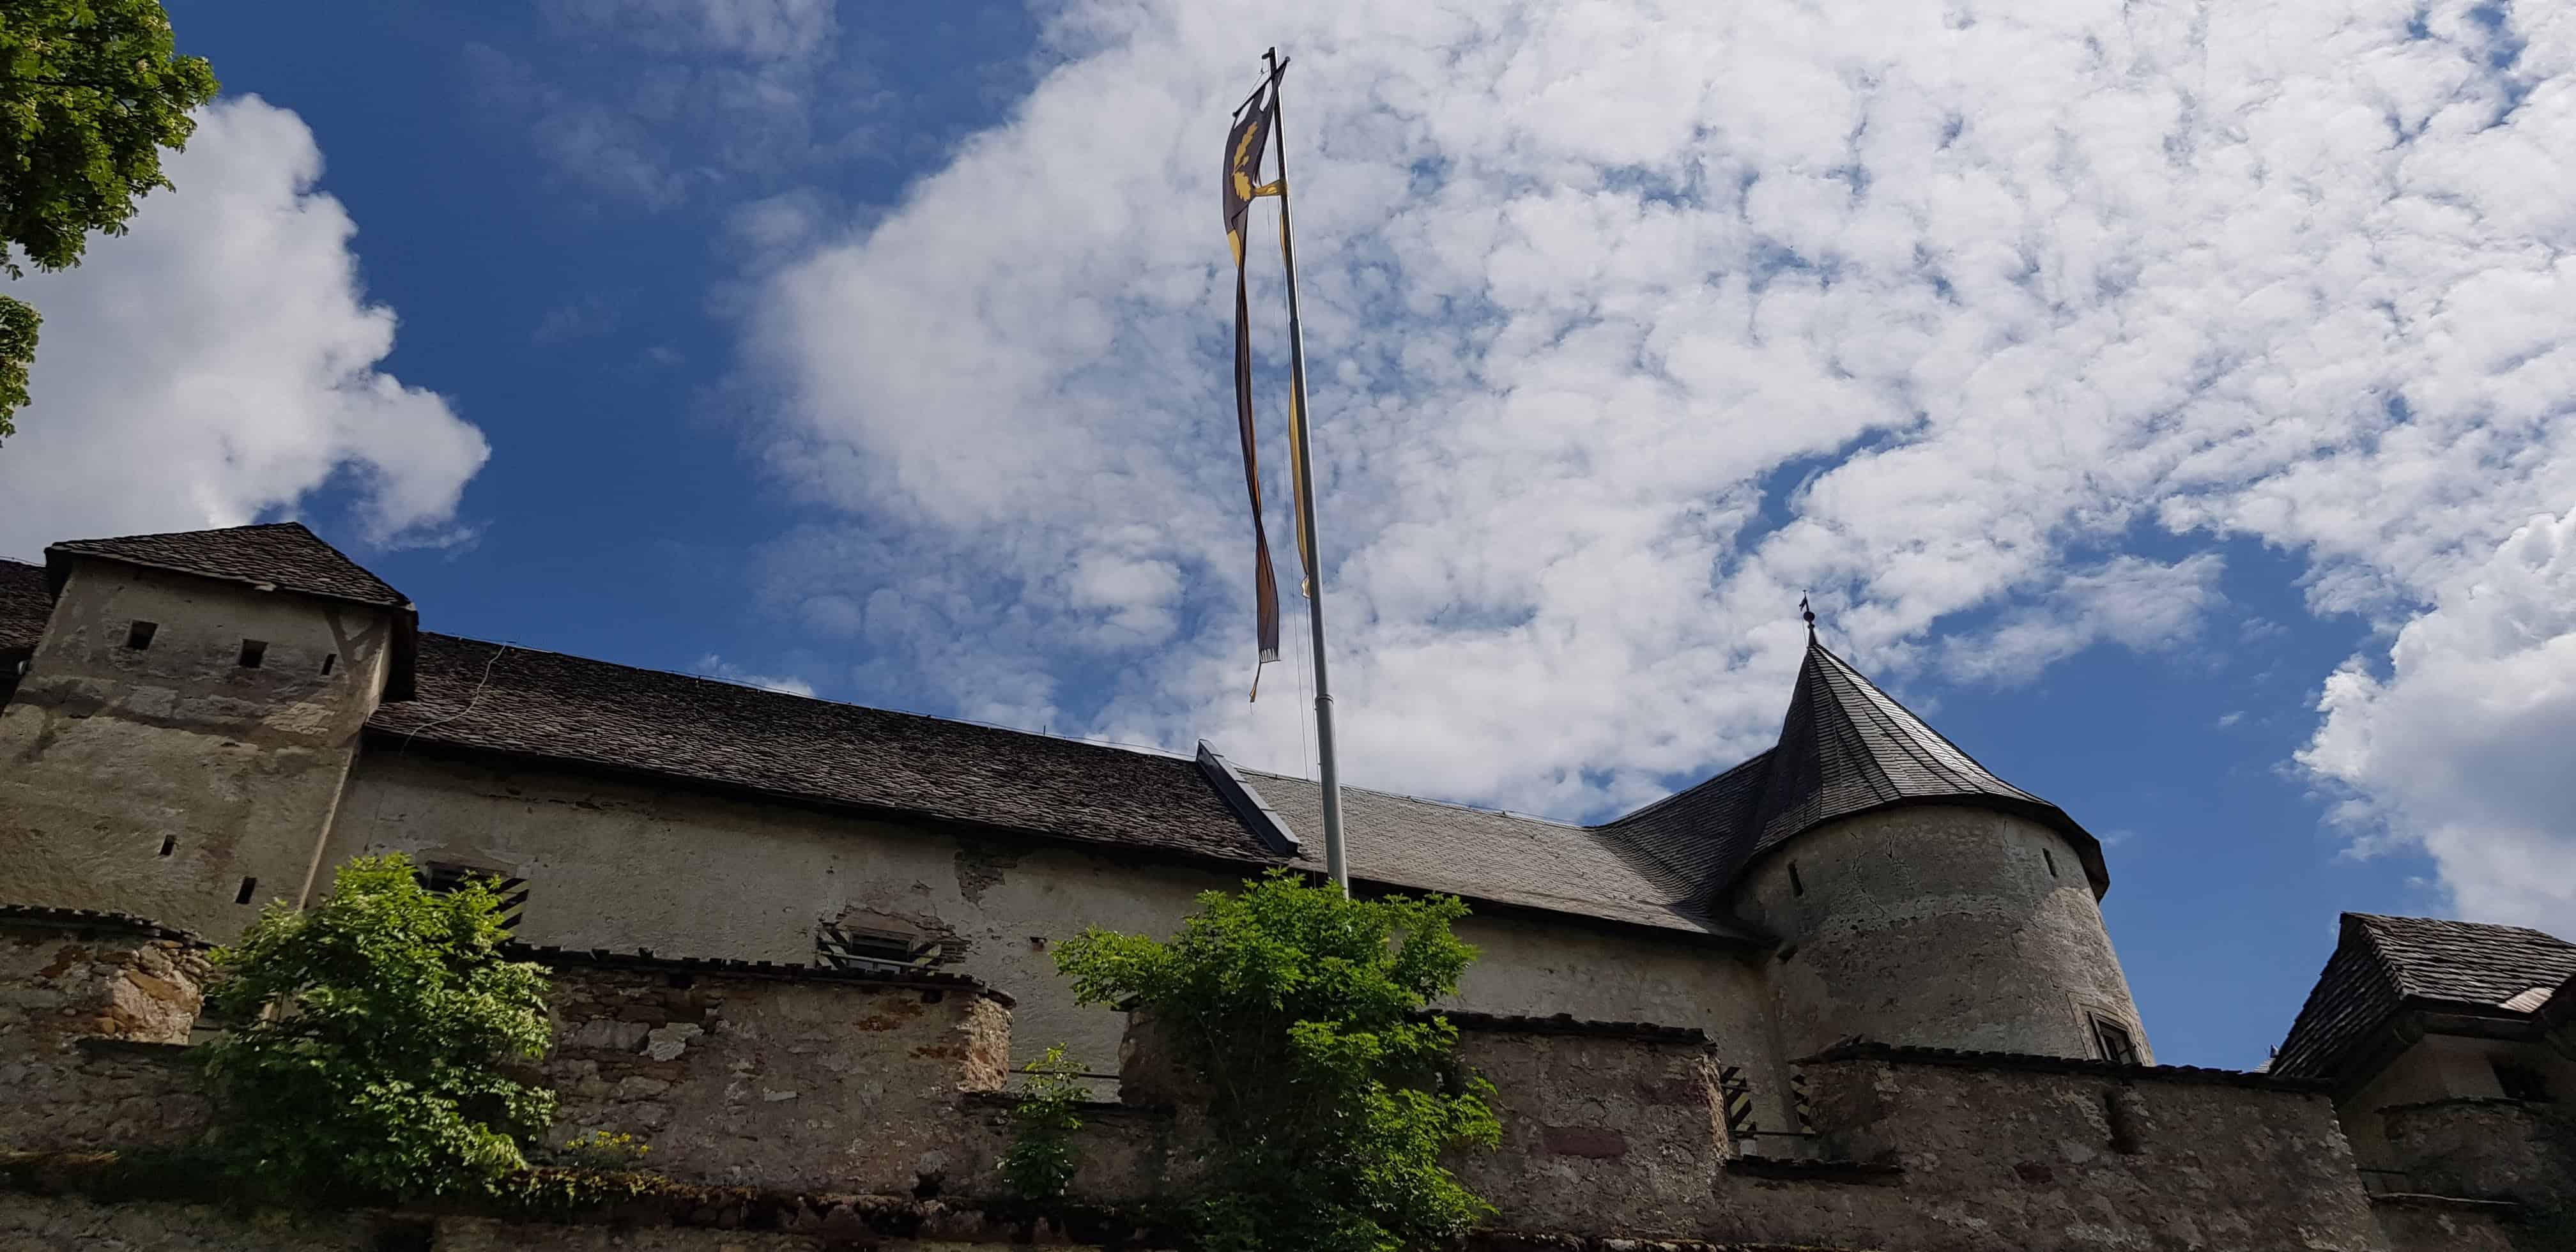 Burganlage Burg Hochosterwitz Kärnten bei familienfreundlicher Wanderung - Sicht auf Burgfahne und Hochburg